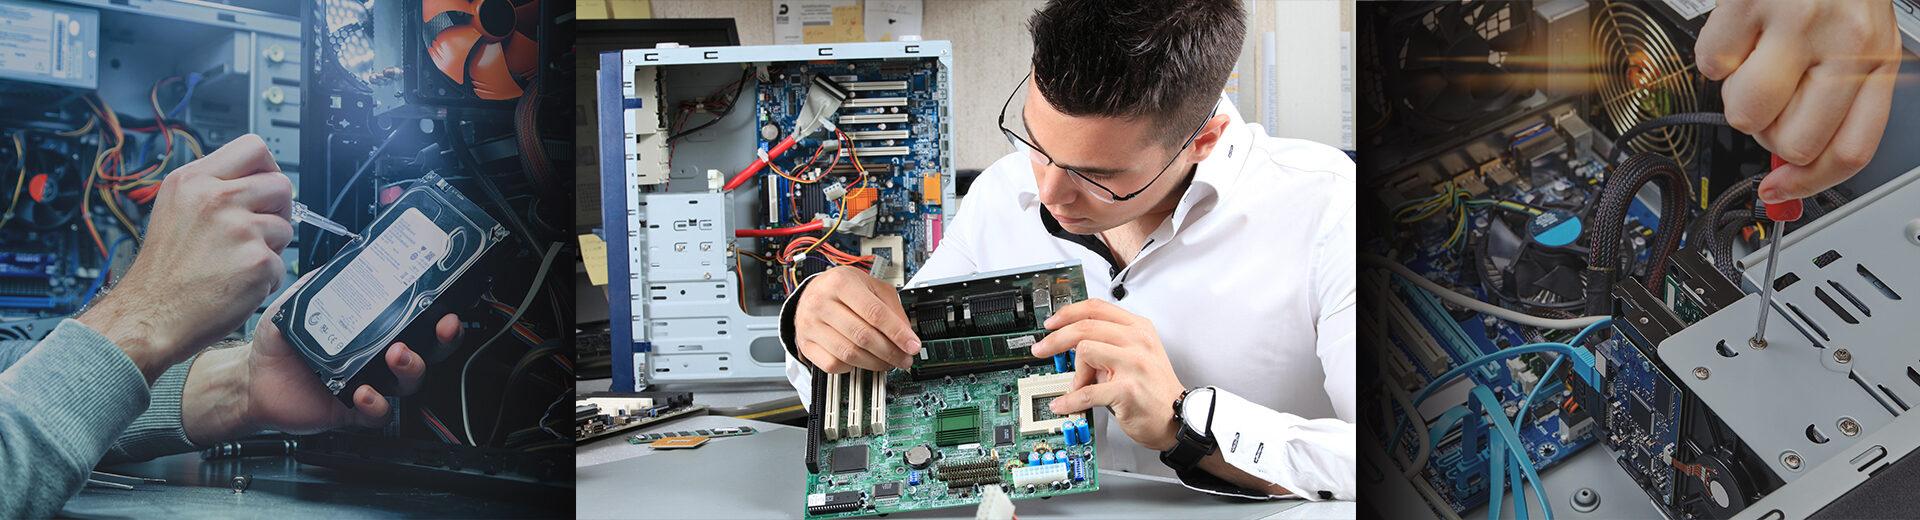 banner-site-computadores-manut